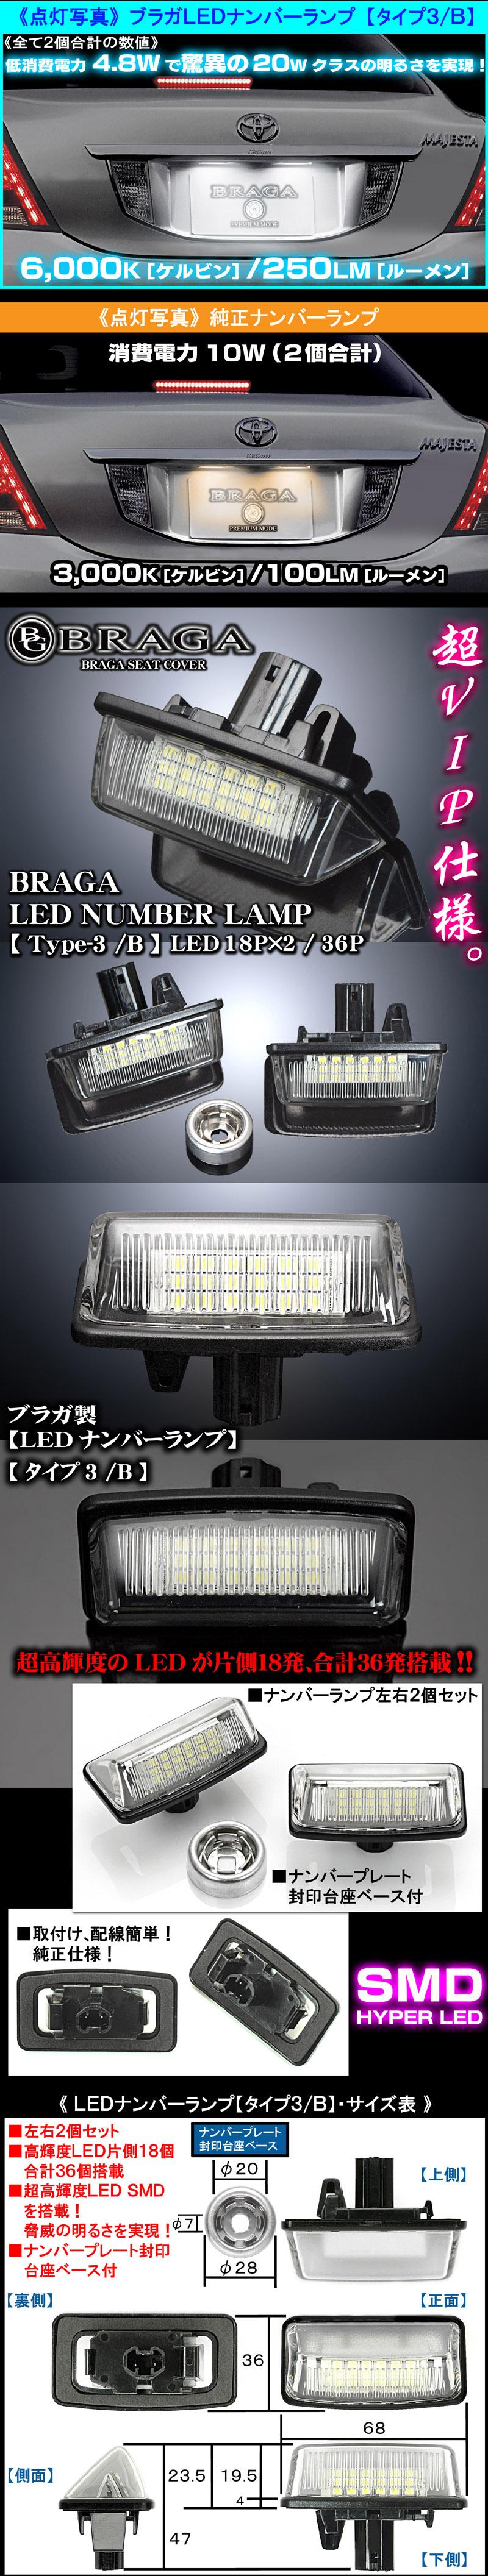 【LEDナンバーランプ灯[タイプ3/B]ライセンスランプ・左右2個セット/片側18発/合計36発】